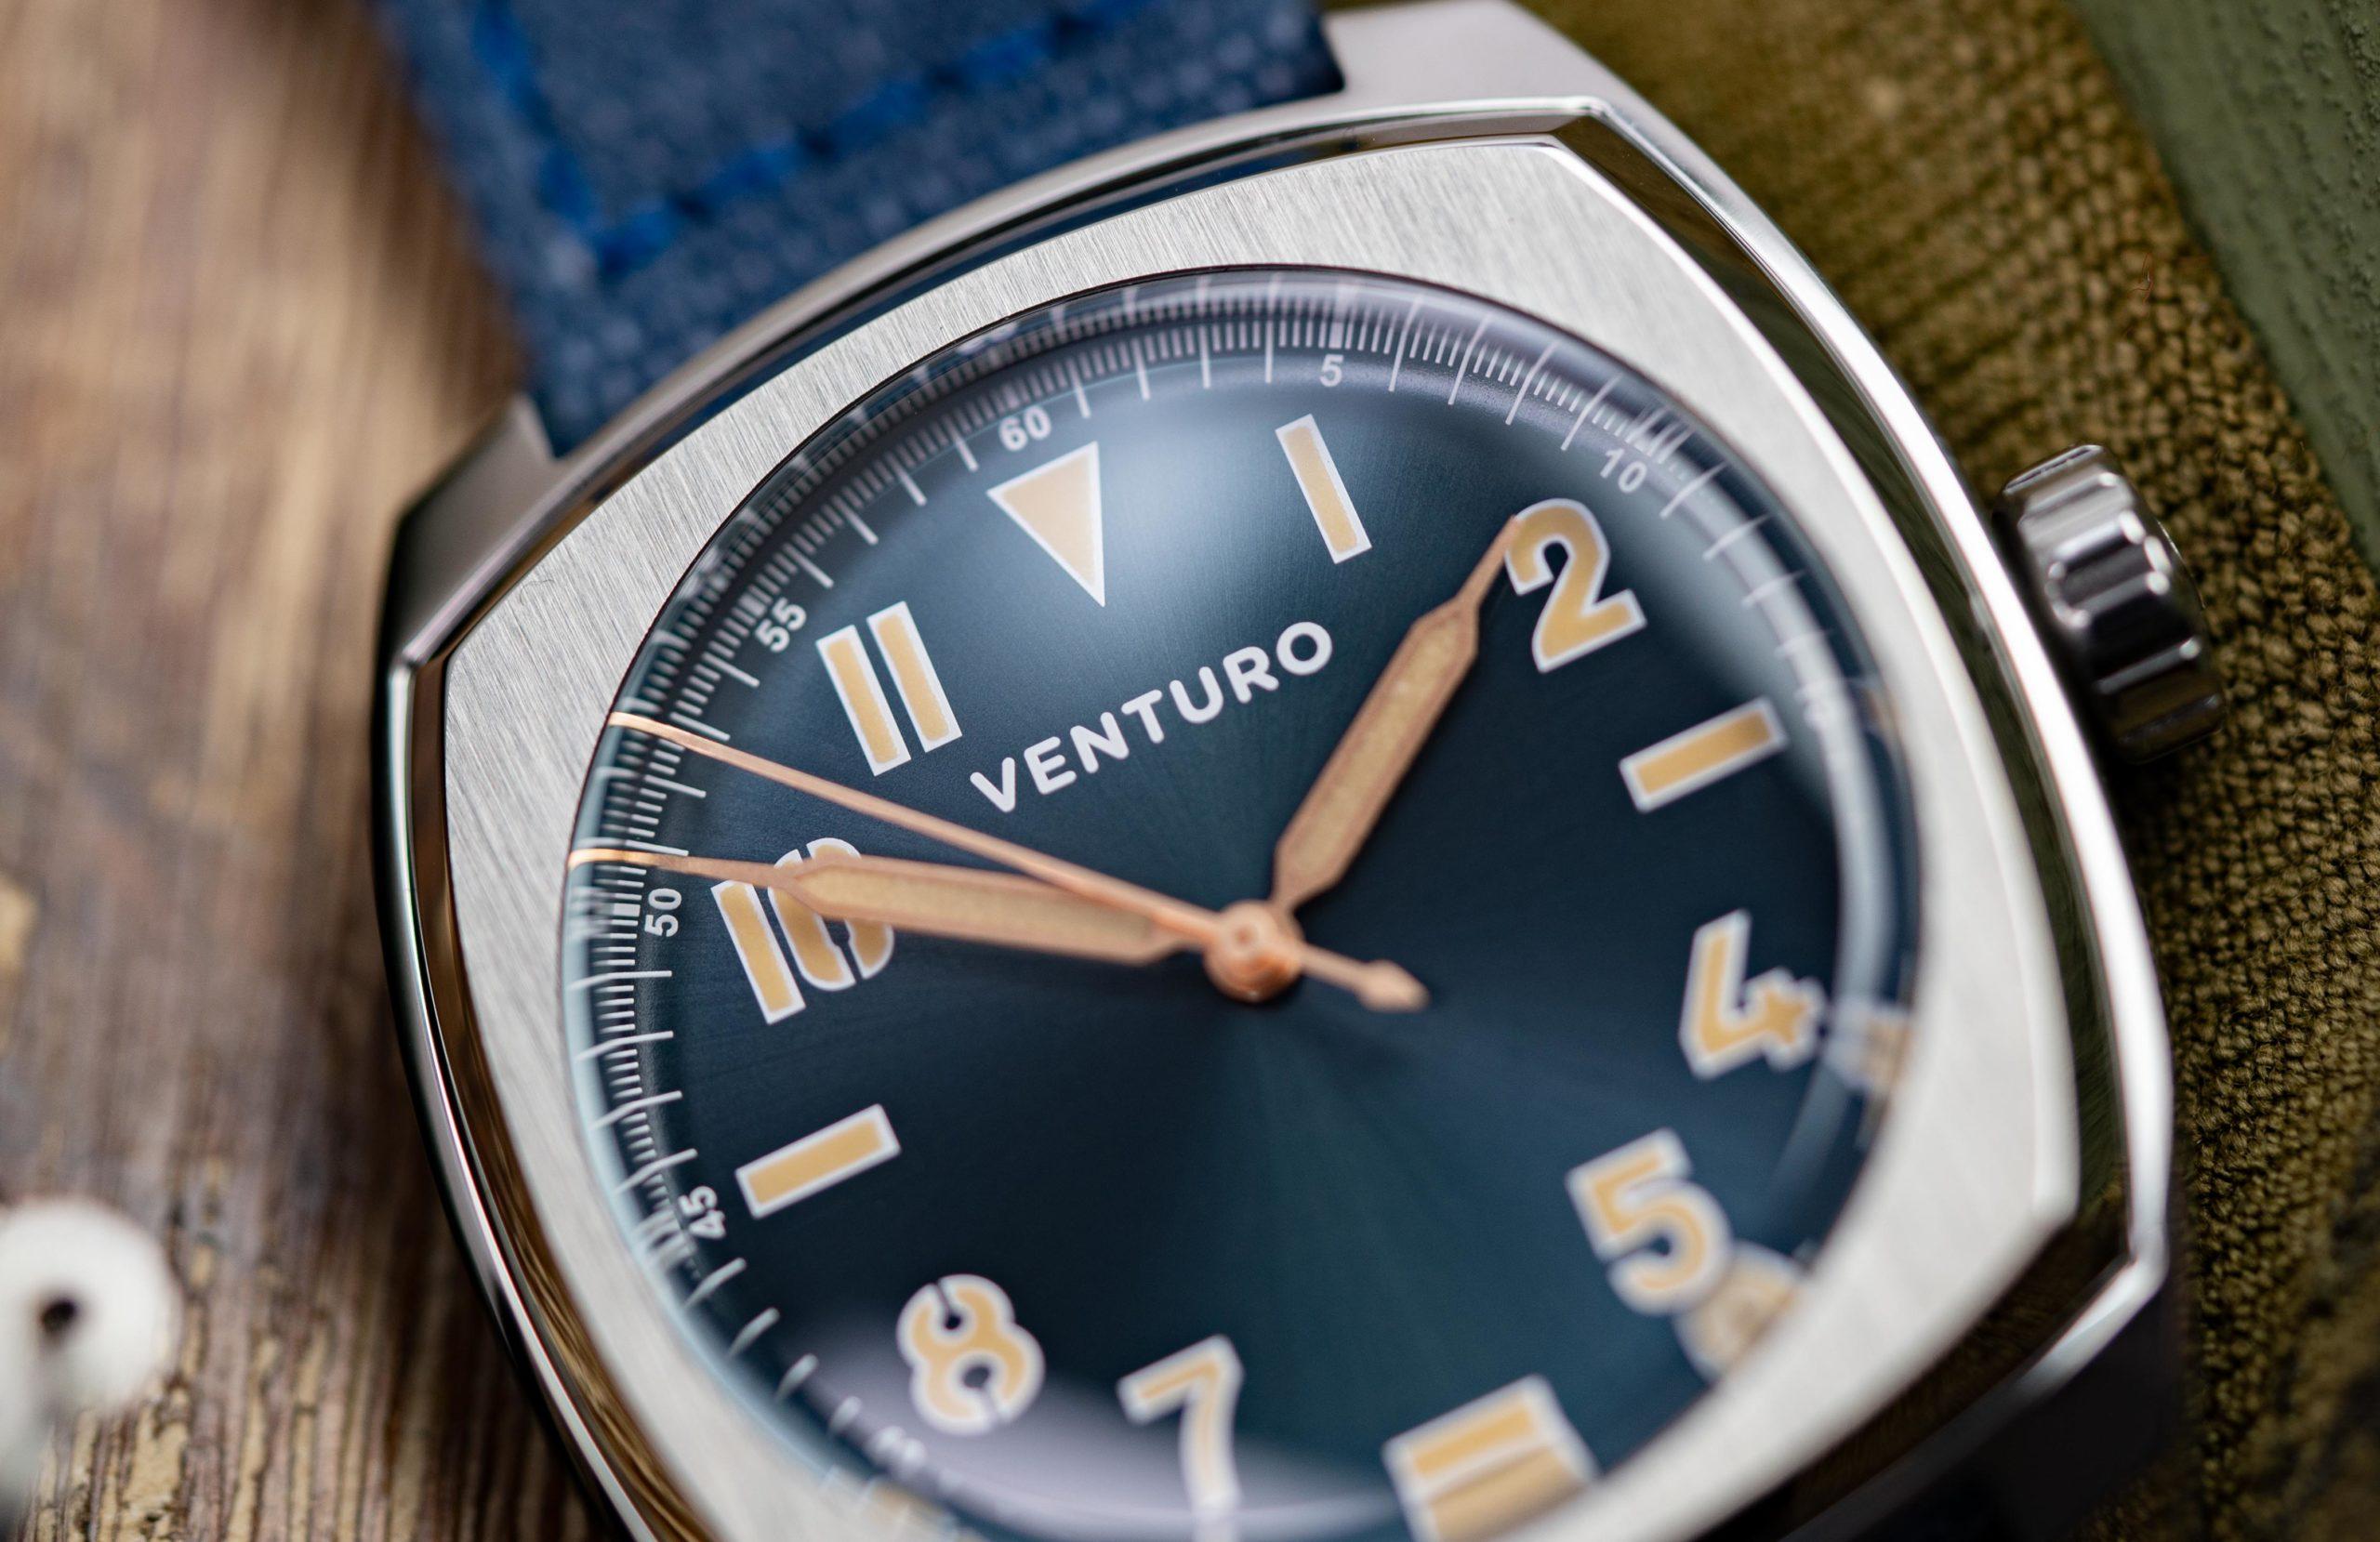 Venturo-Field-Watch-2-14